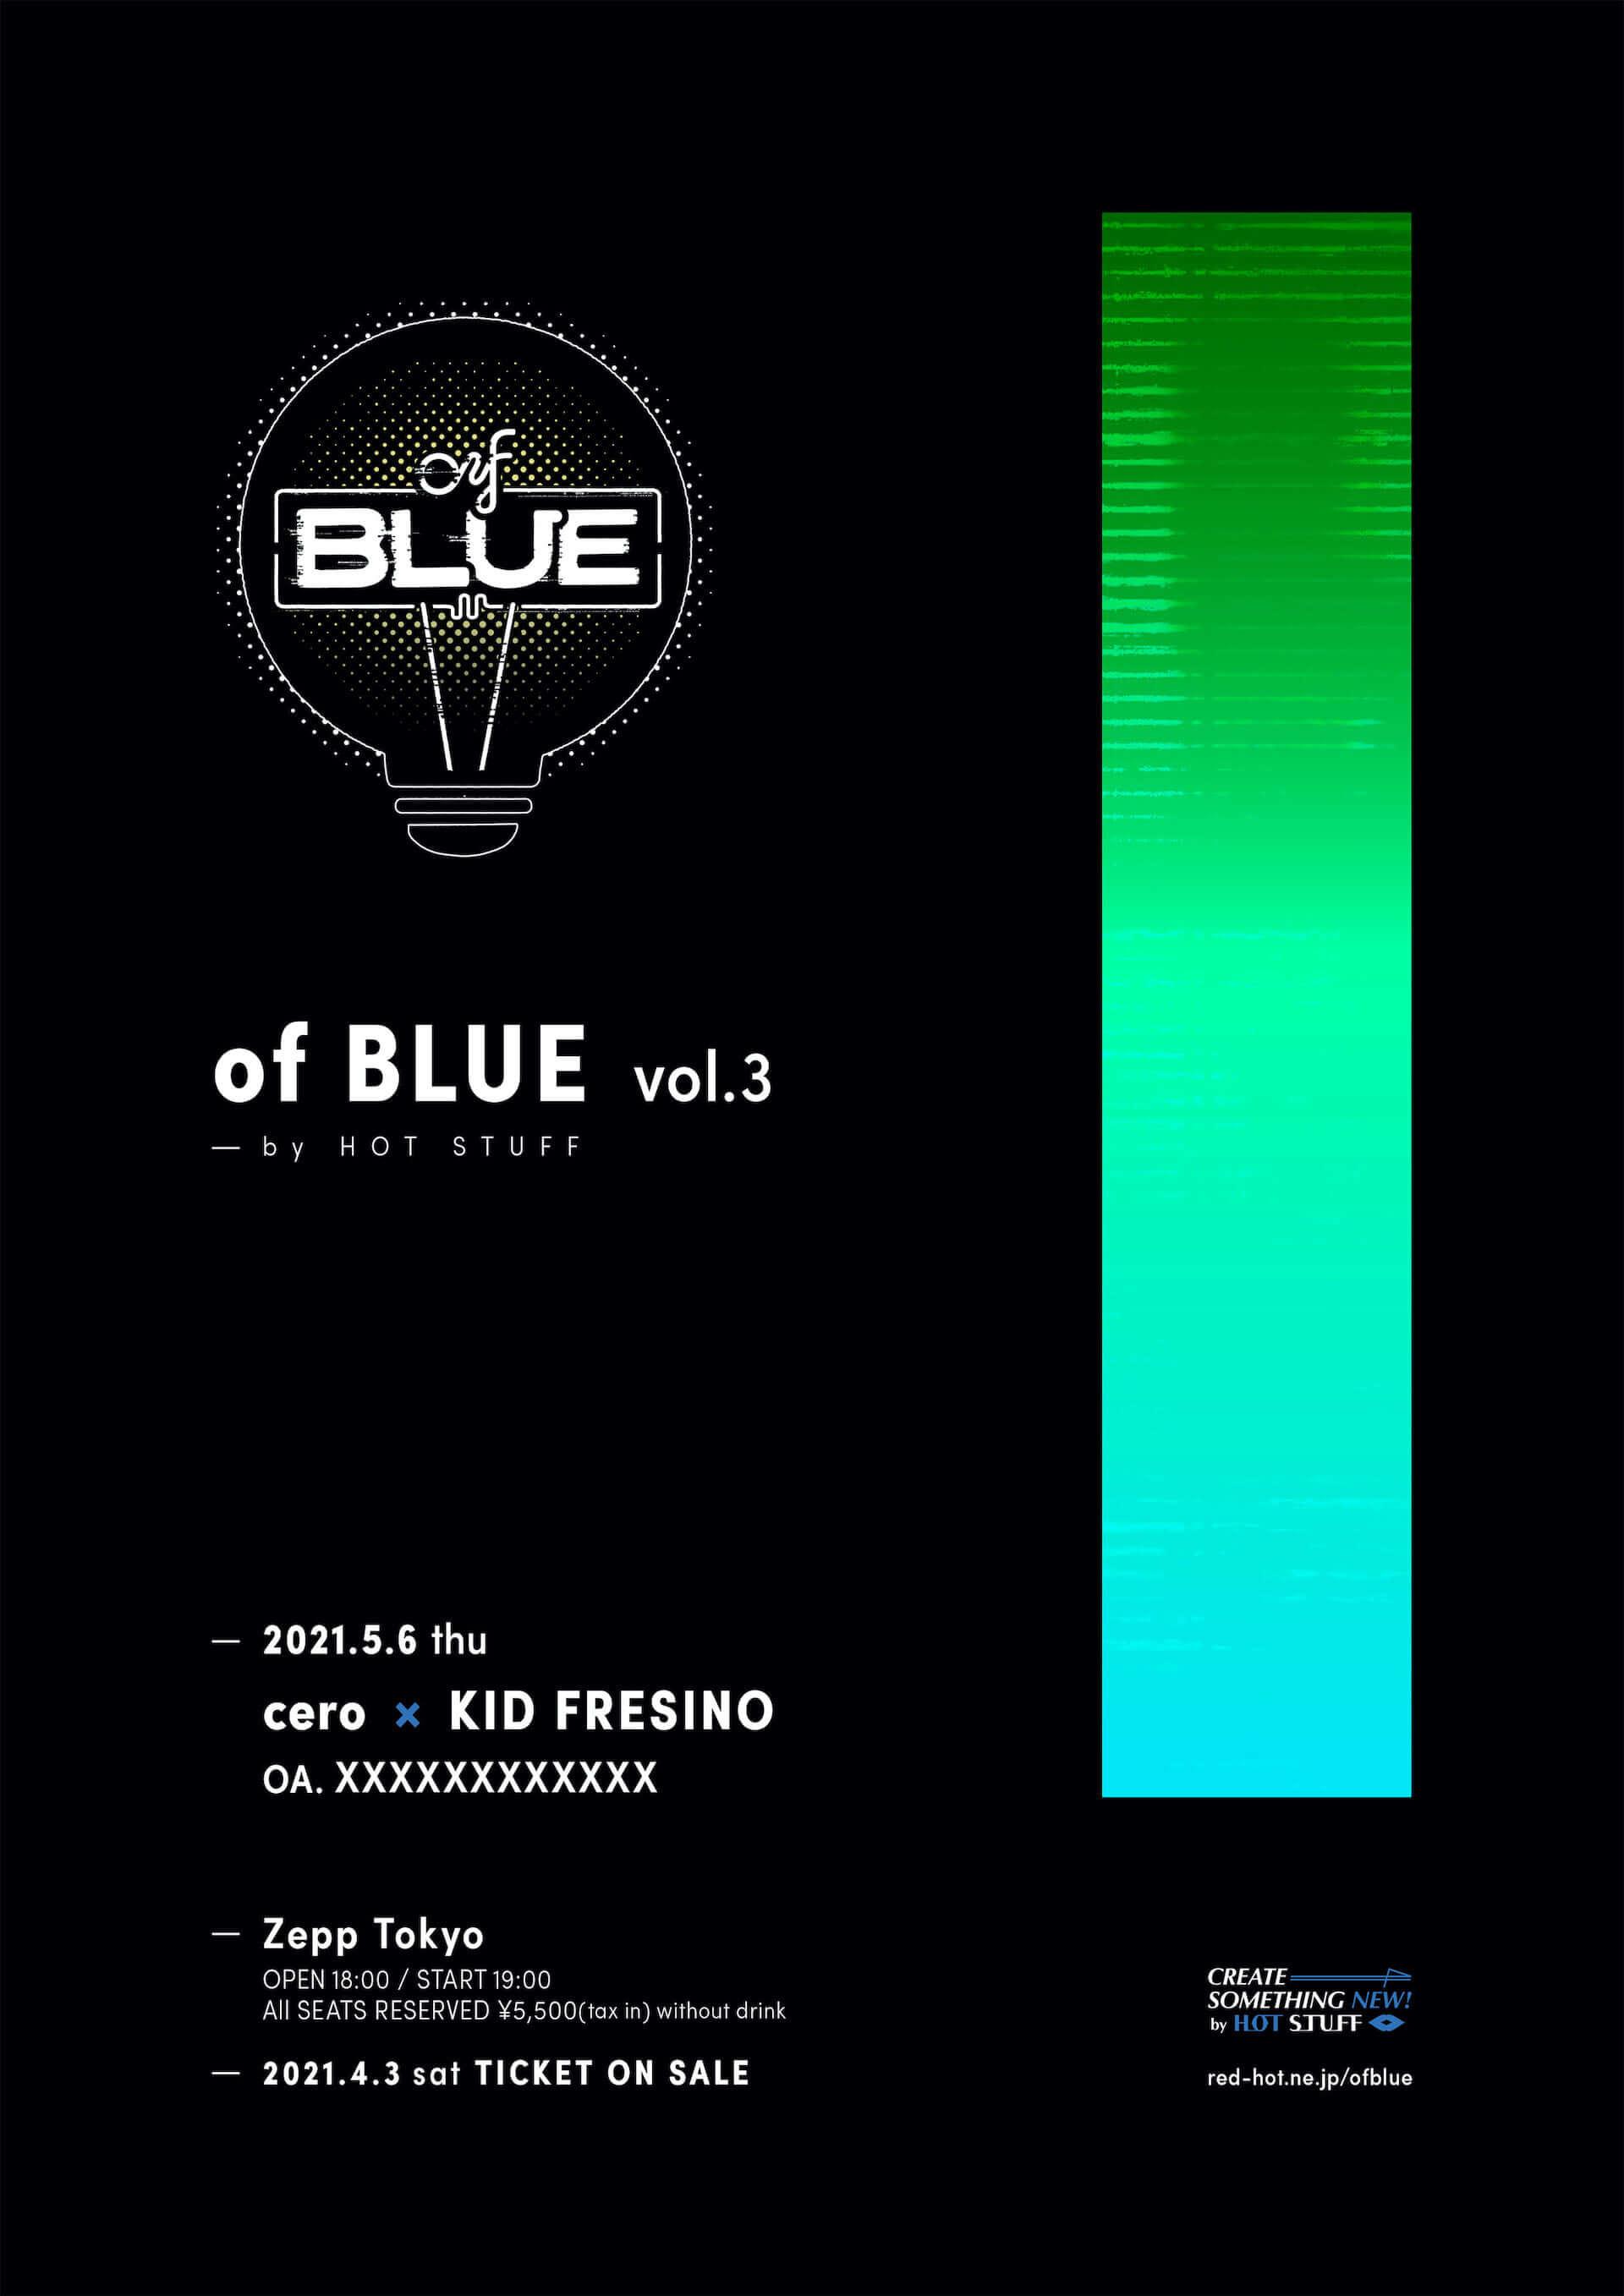 ceroとKID FRESINOによる初の対バンがZepp Tokyoで実現!HOT STUFFの新イベント<of BLUE>第3弾が開催決定 music210226_ofblue_3-1920x2715